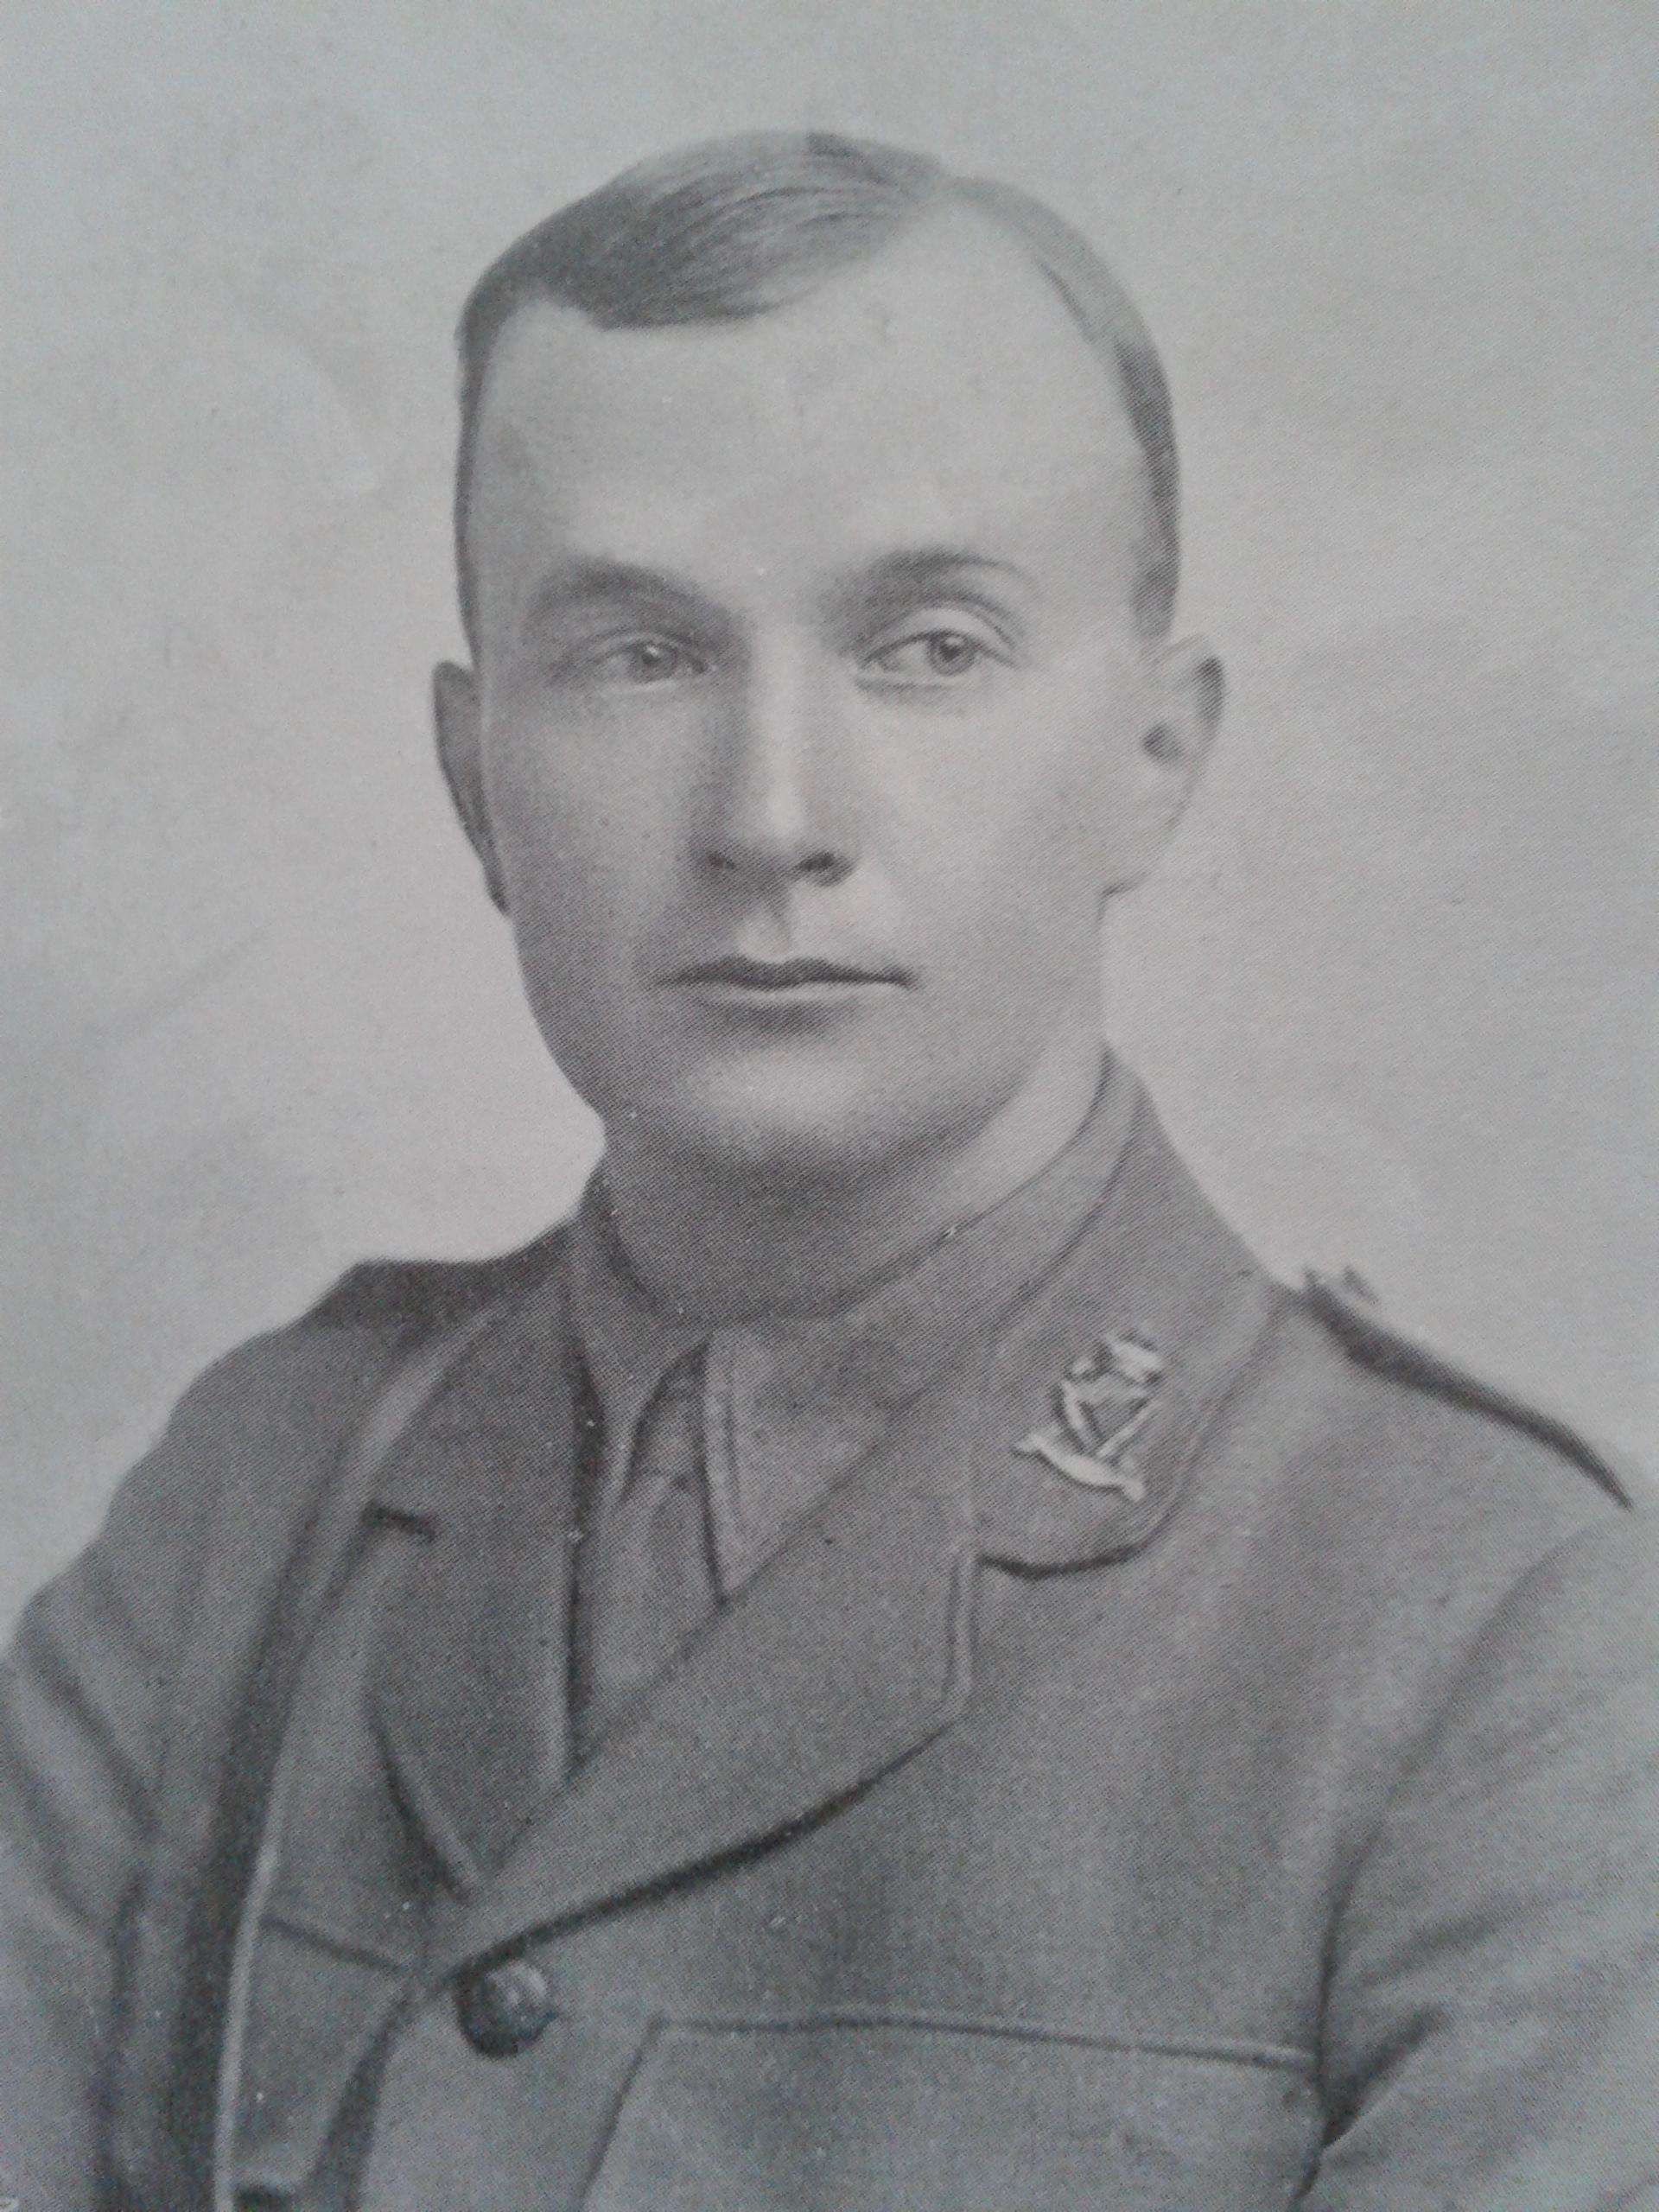 Lieut J D Neill 1916